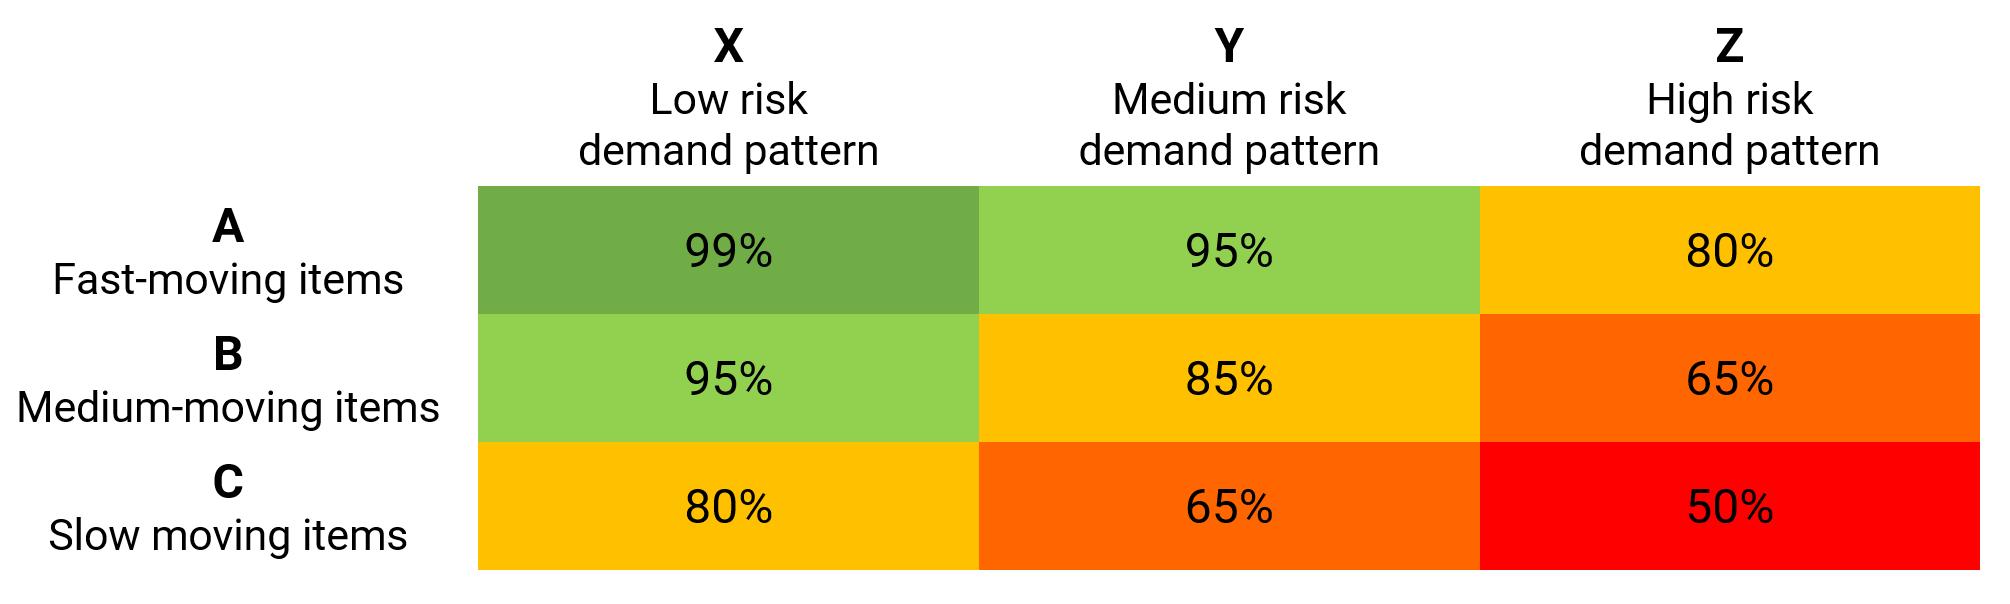 service level ABC/XYZ matrix